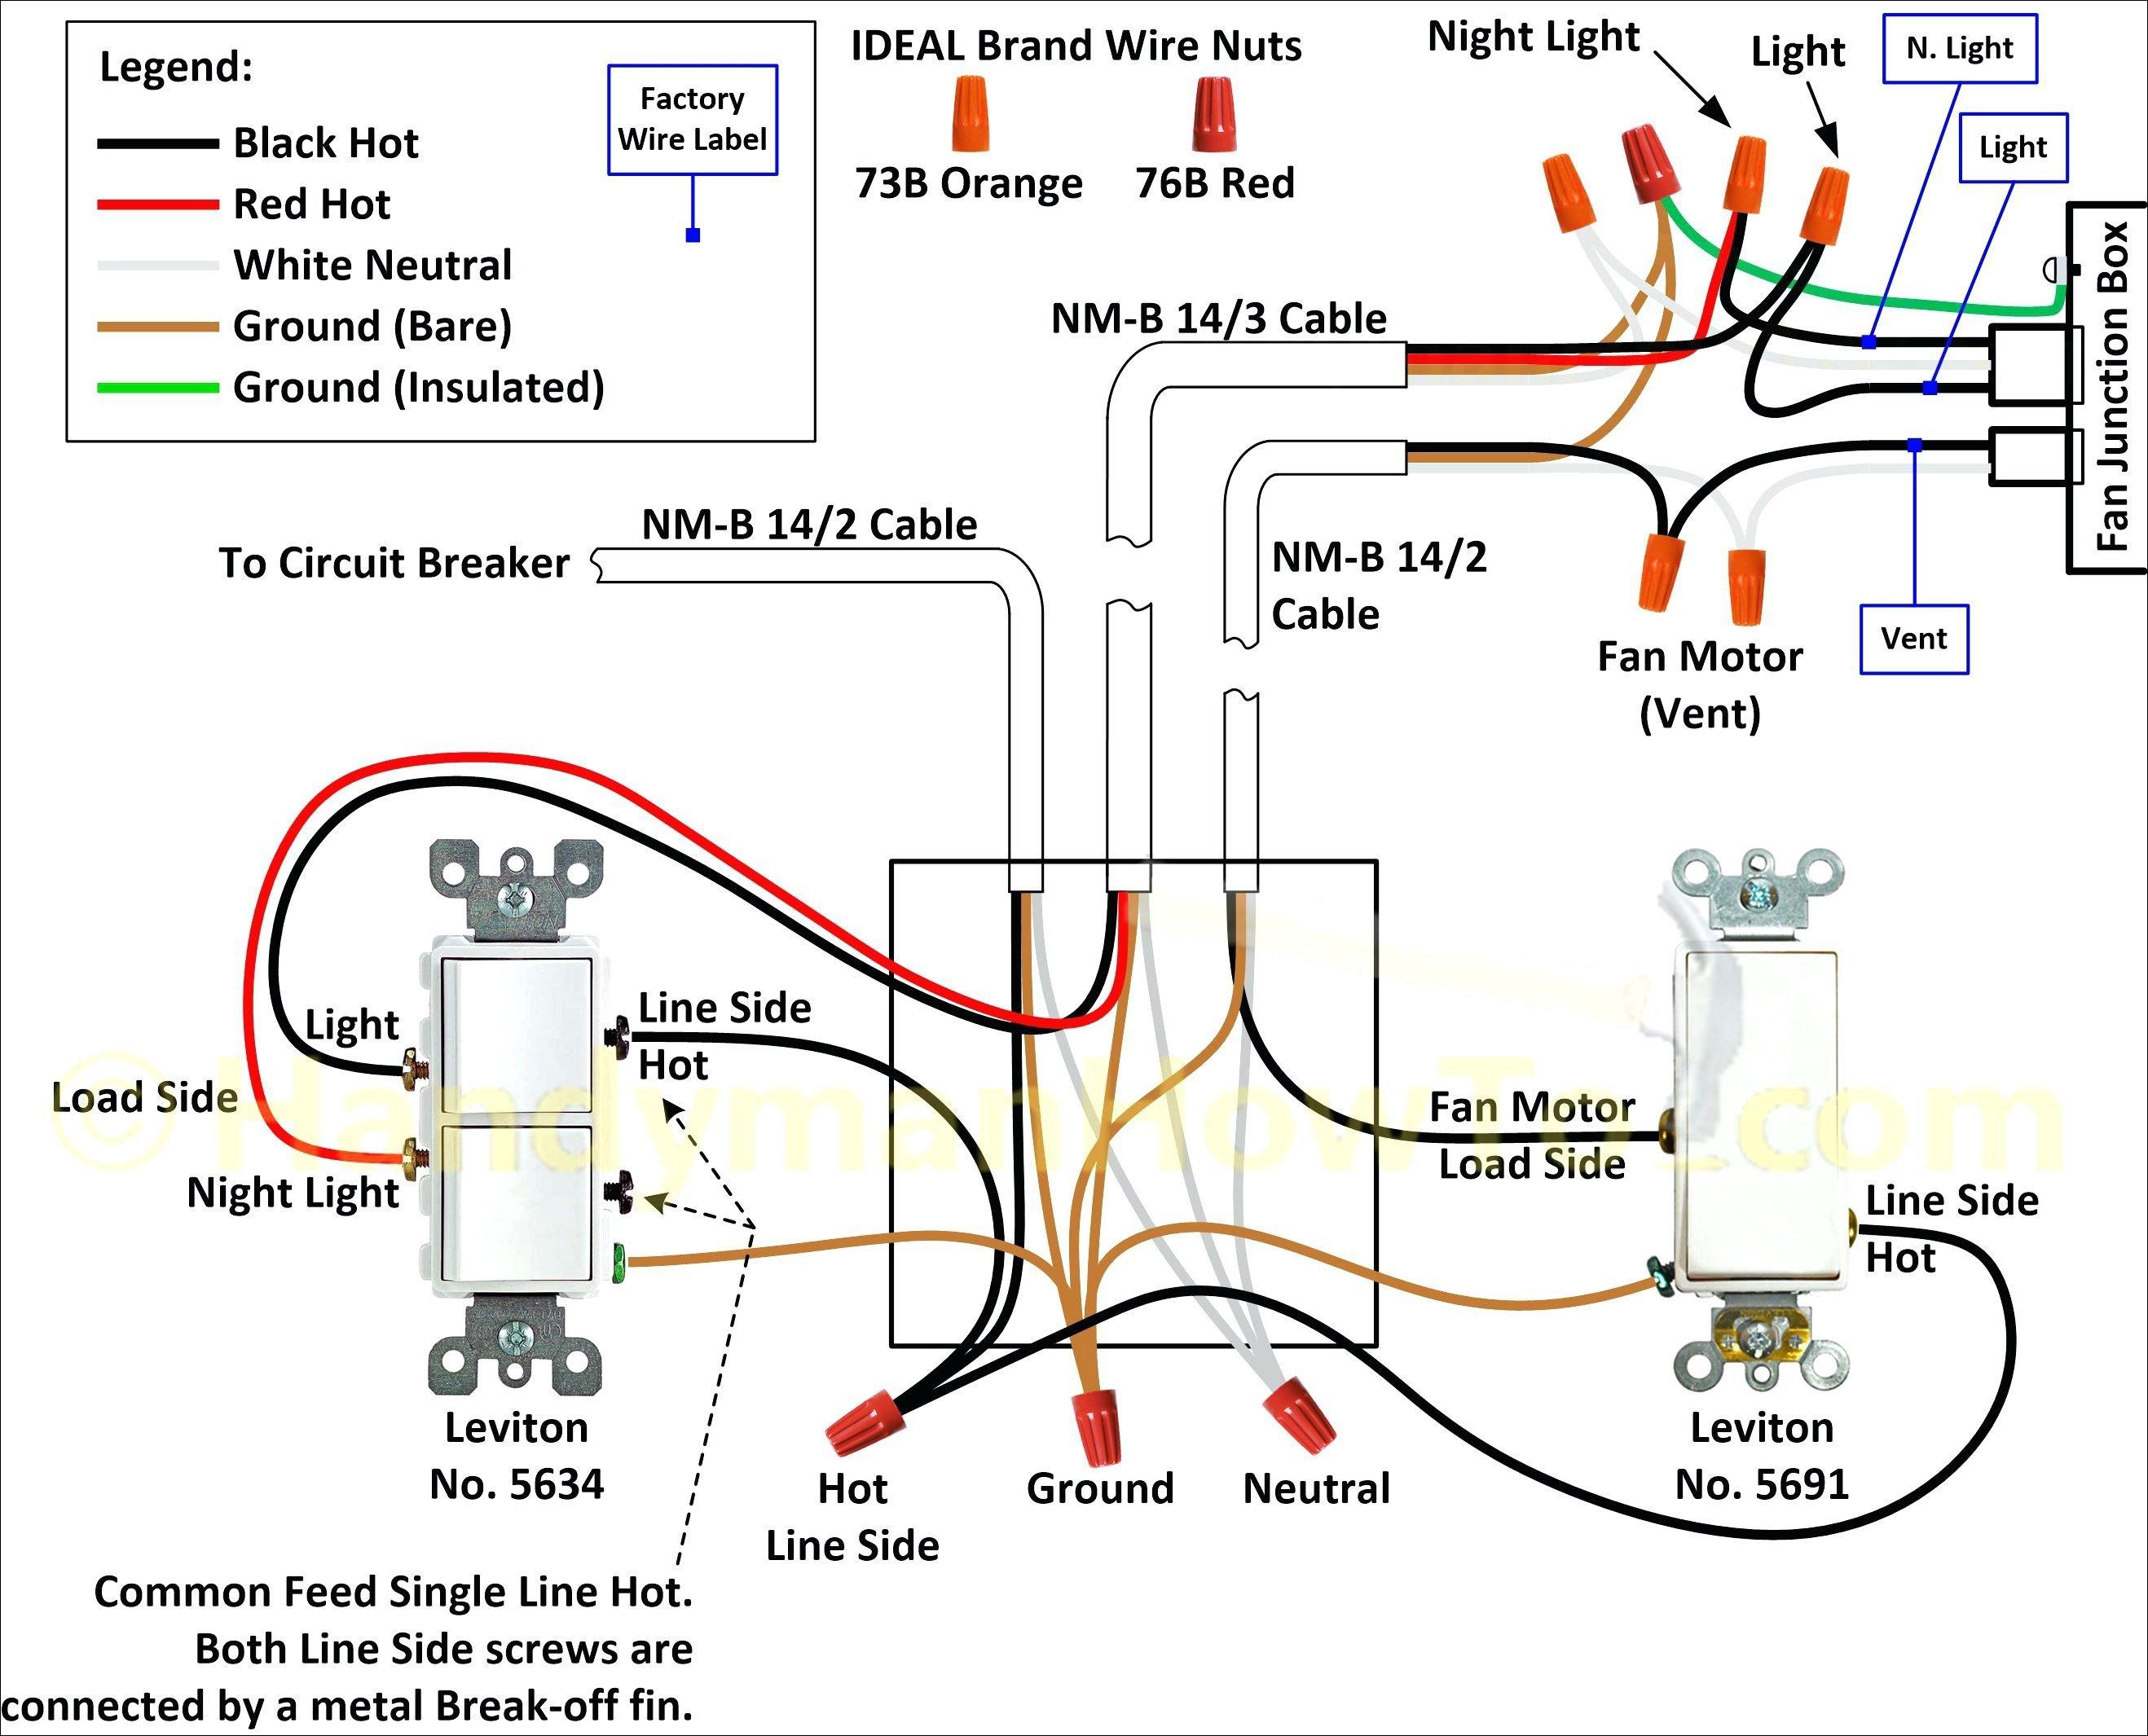 2 Speed Motor Wiring Diagram | Wiring Diagram - Blower Motor Wiring Diagram Manual